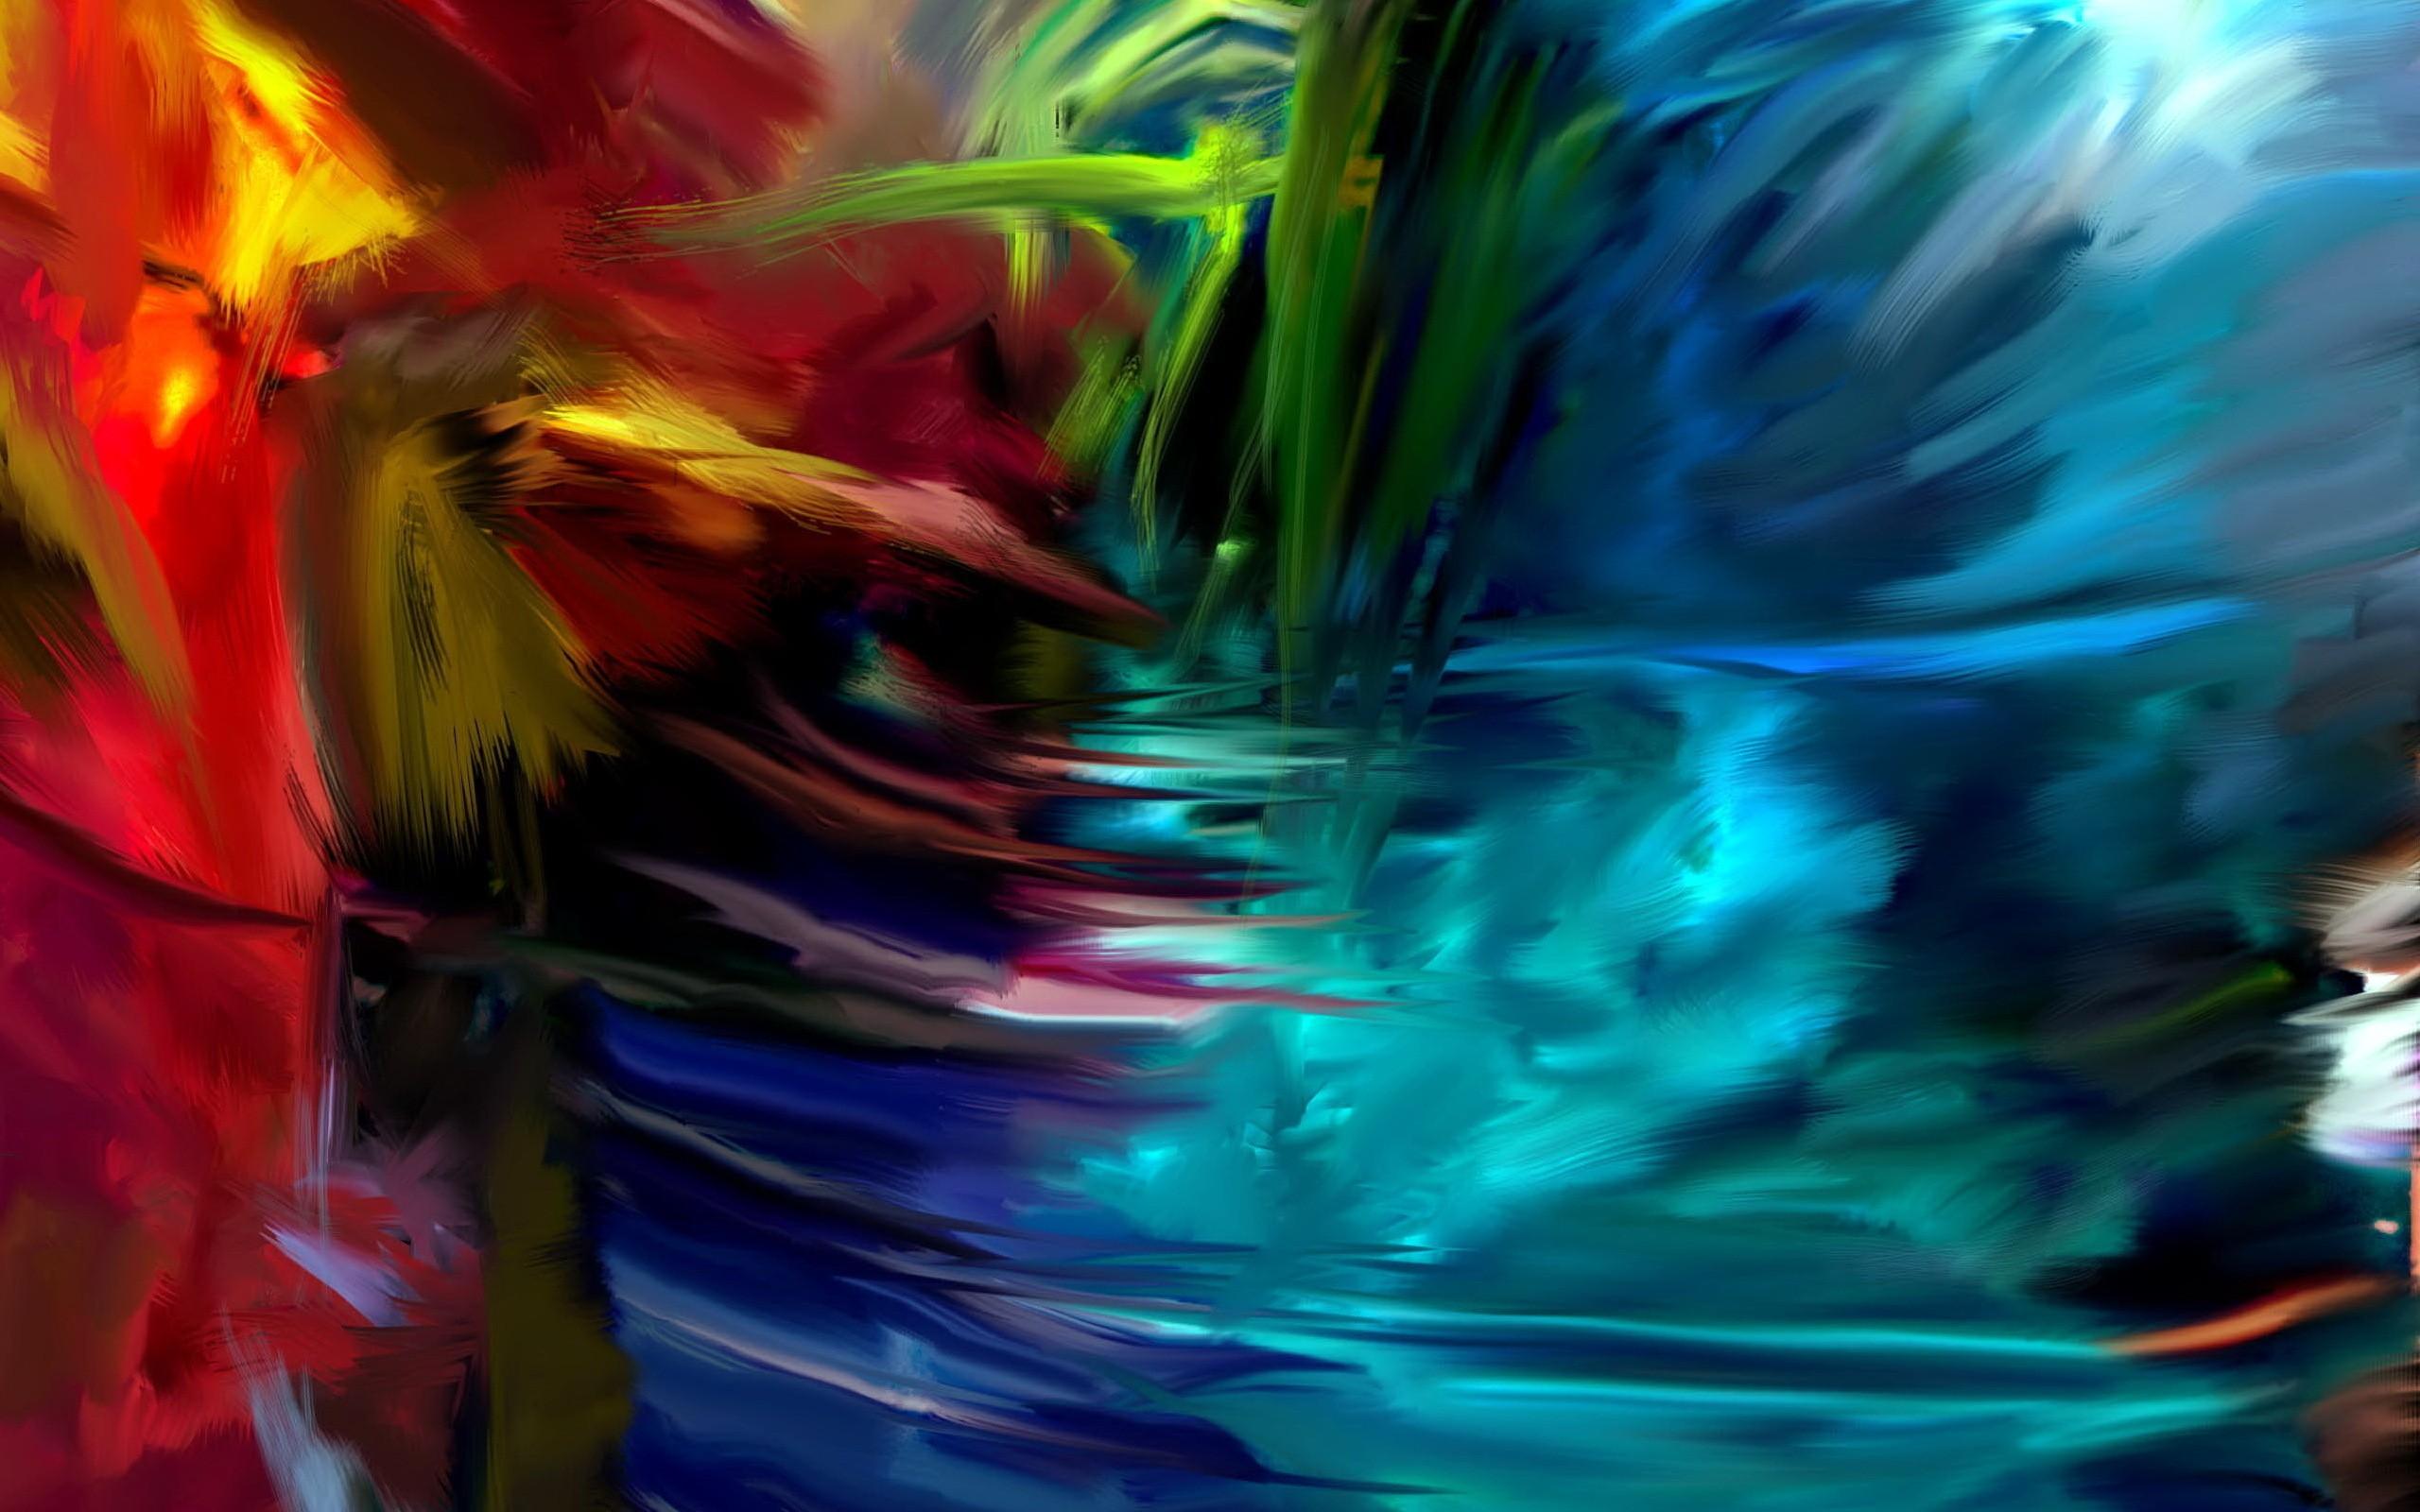 Cuadro De Combinacion De Colores 804388 El Arte De Jercy